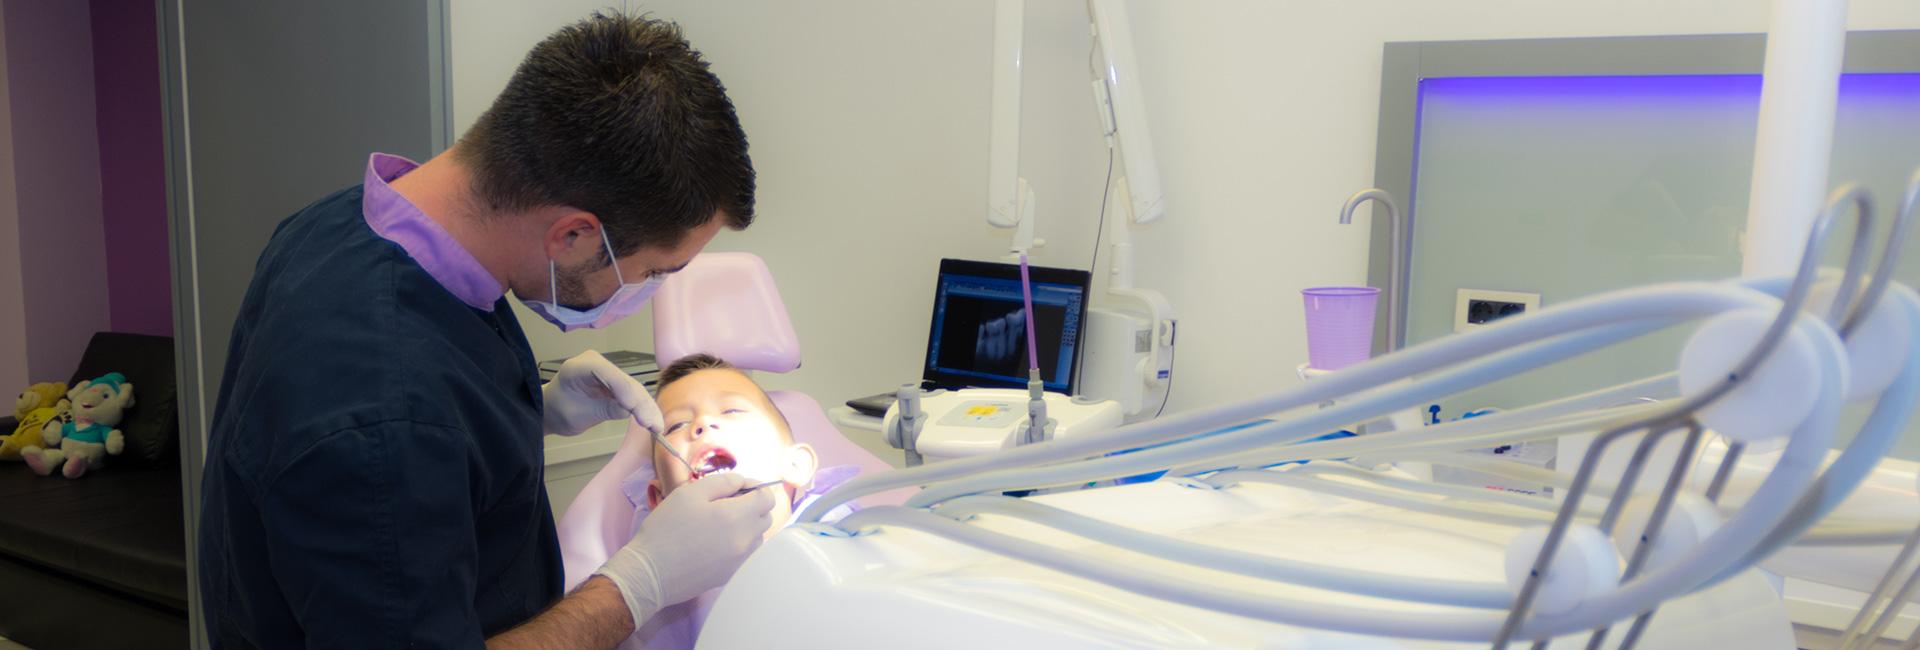 Ordinacija Dentalne medicine Dražen Kinkela | Rijeka | Hrvatska - usluge